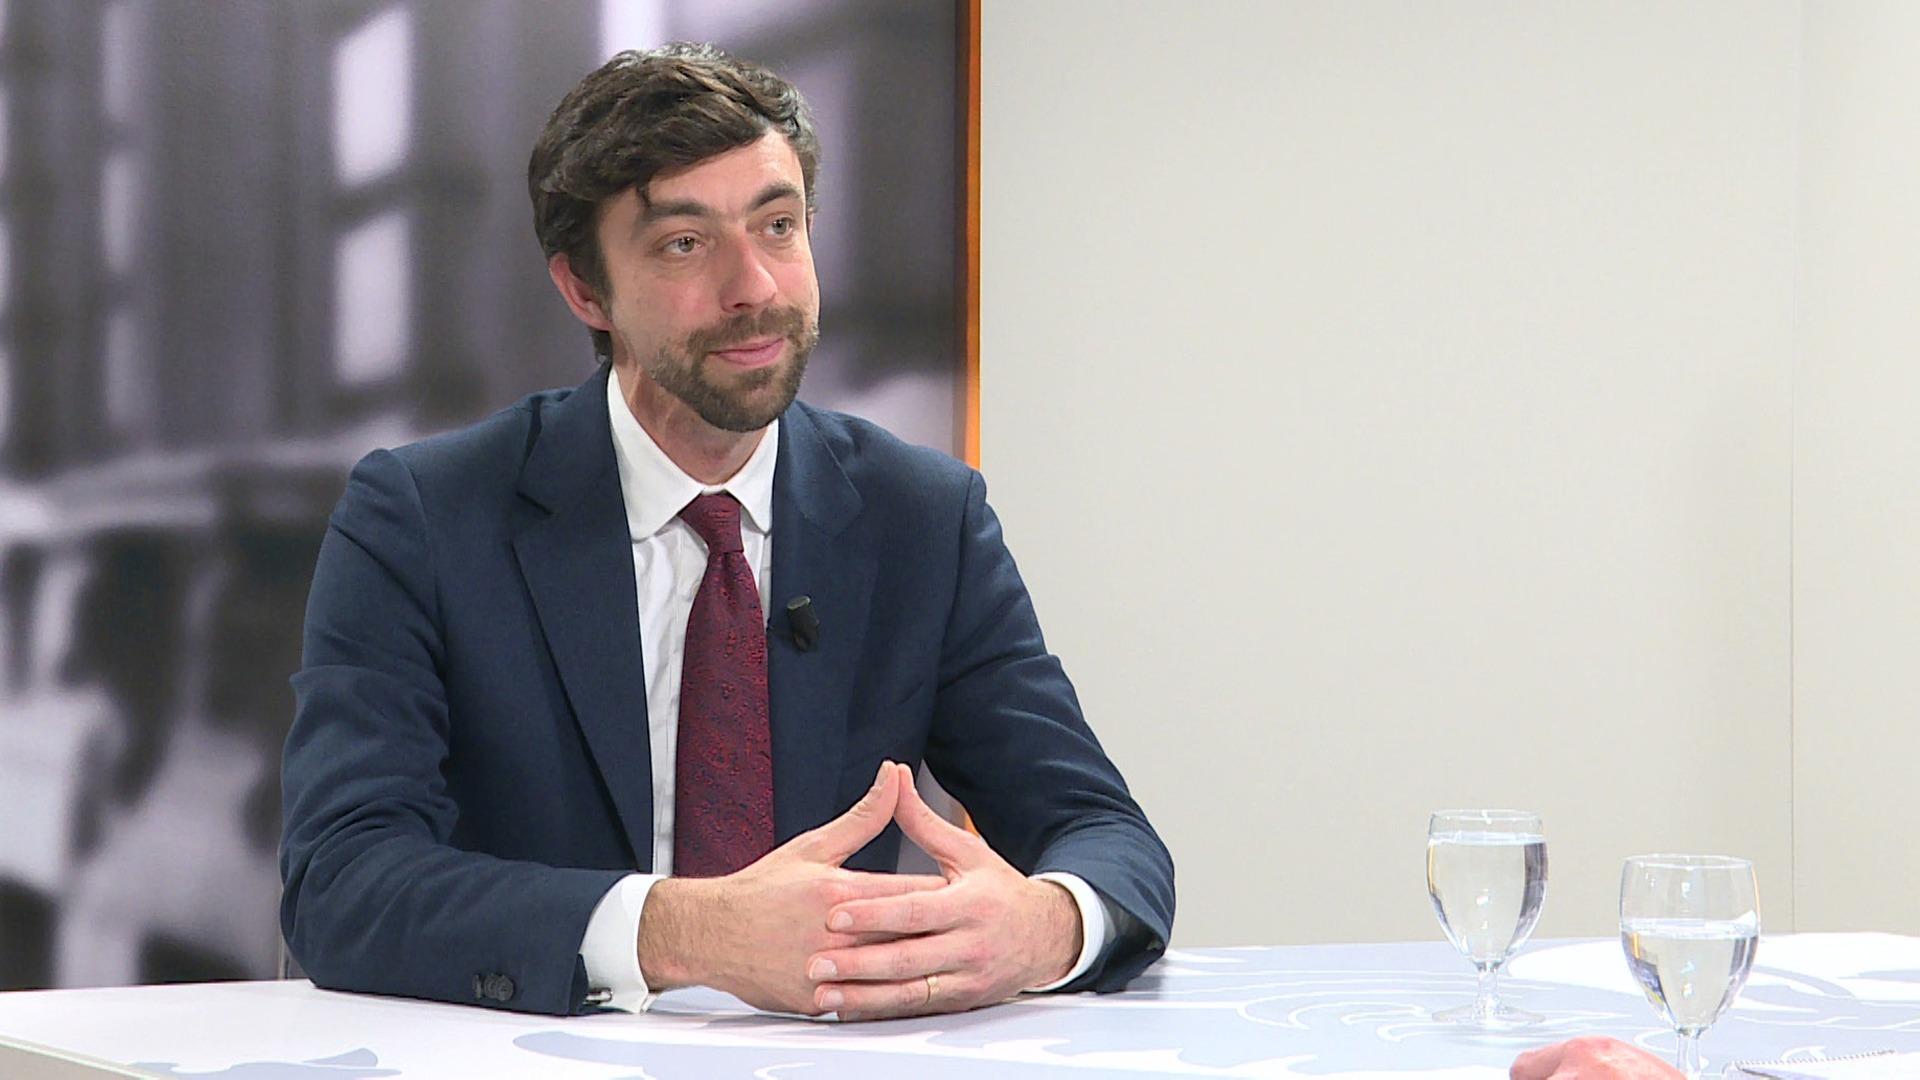 Studio Vlaams Parlement: Willem-Frederik Schiltz over het Vlaams klimaatbeleid